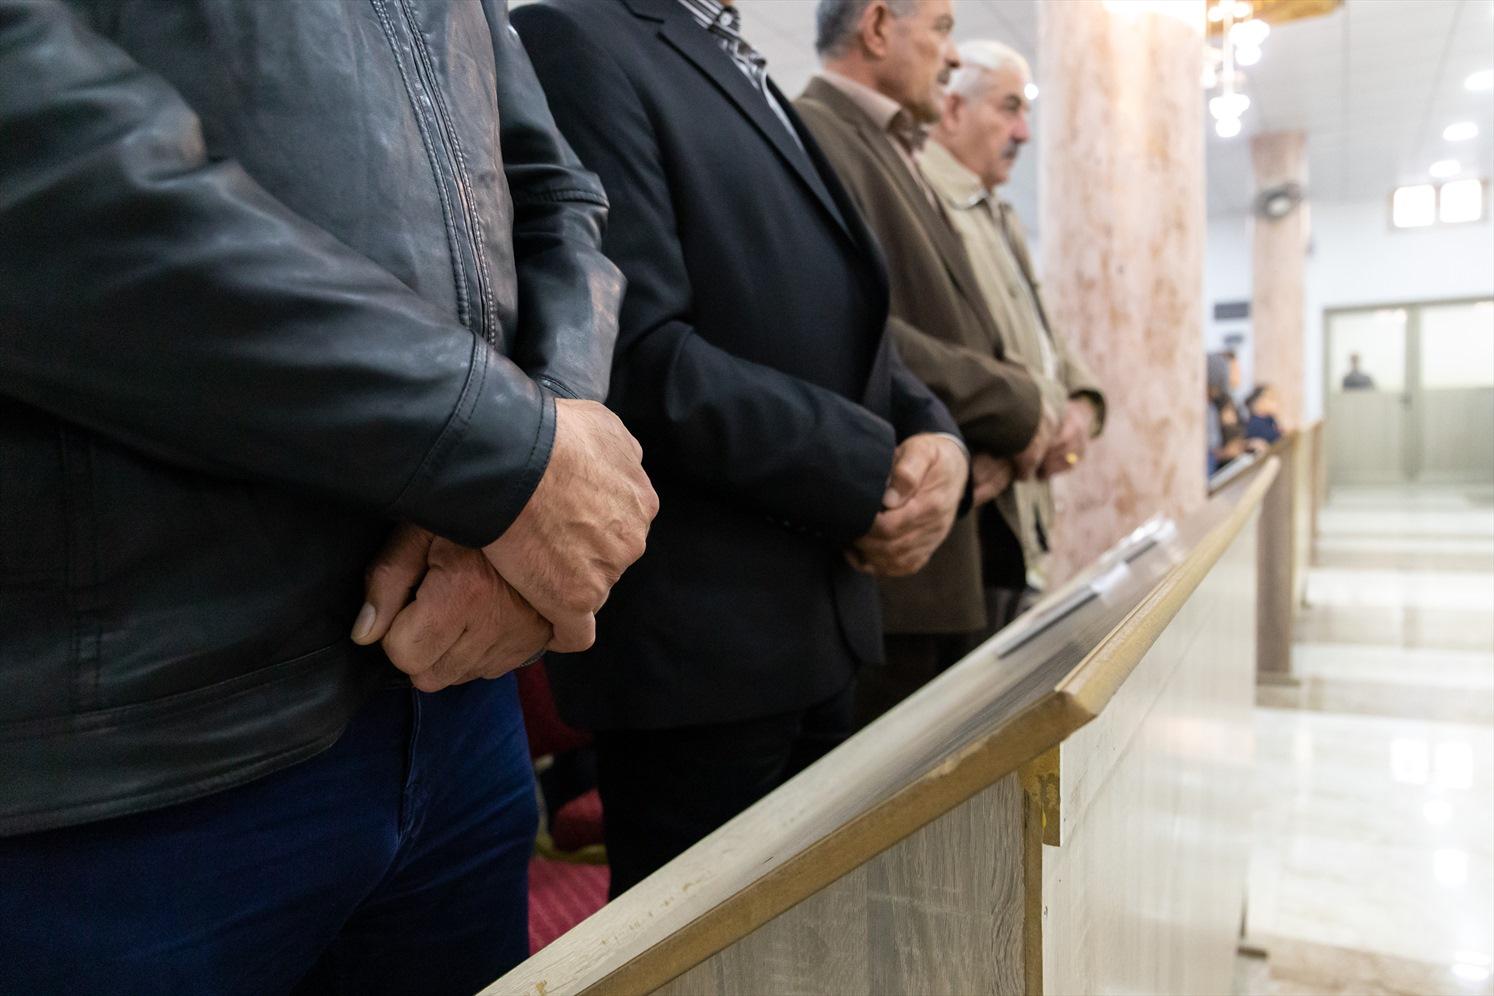 Cristãos no Iraque temem ataques após morte de general iraniano